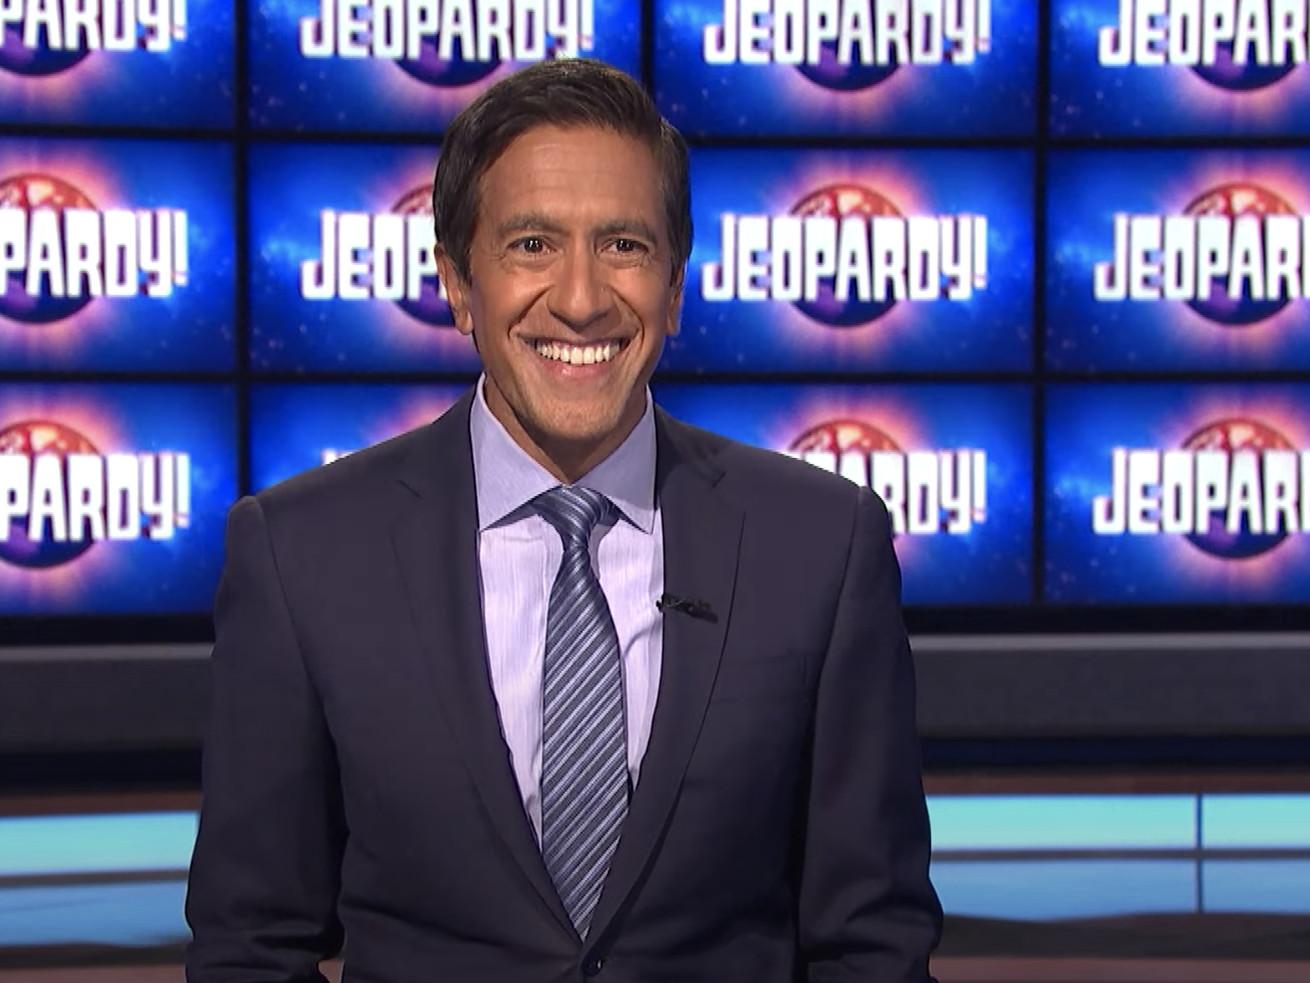 """Dr. Sanjay Gupta on the set of """"Jeopardy!"""""""